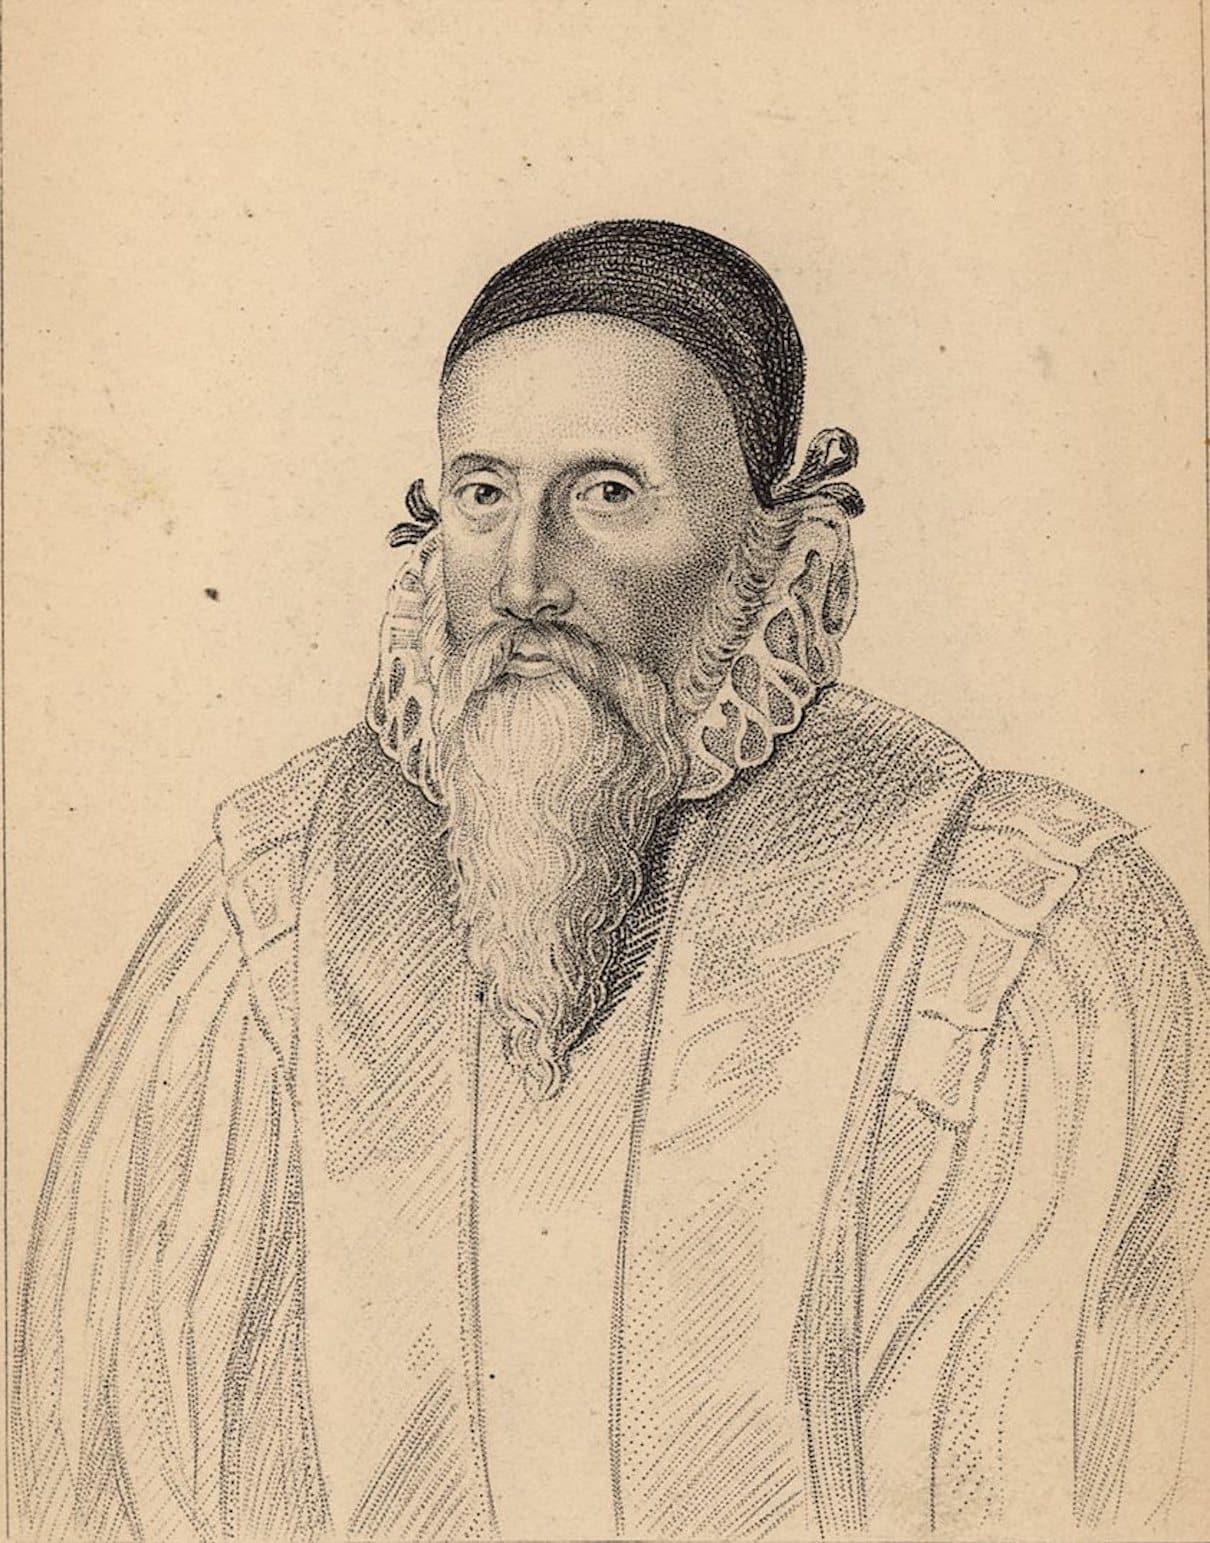 Au sujet de John Dee